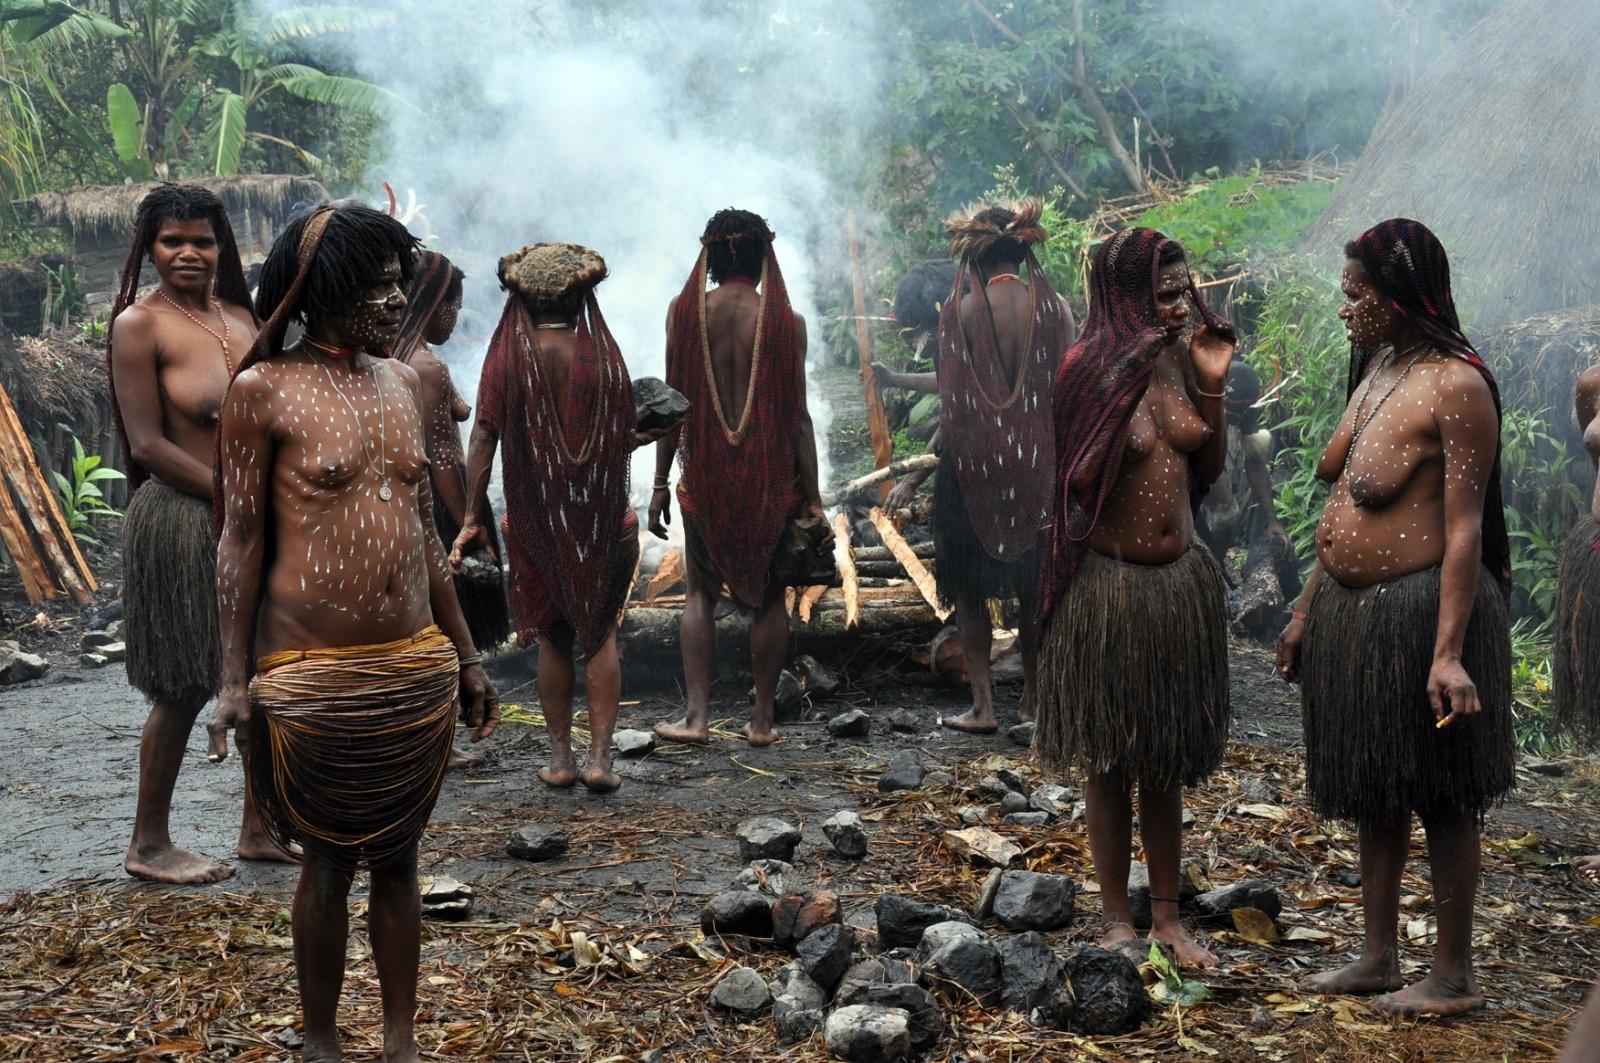 Nowa Gwinea: tradycje nadal żywe Biuro podróży Goforworld by Kuźniar